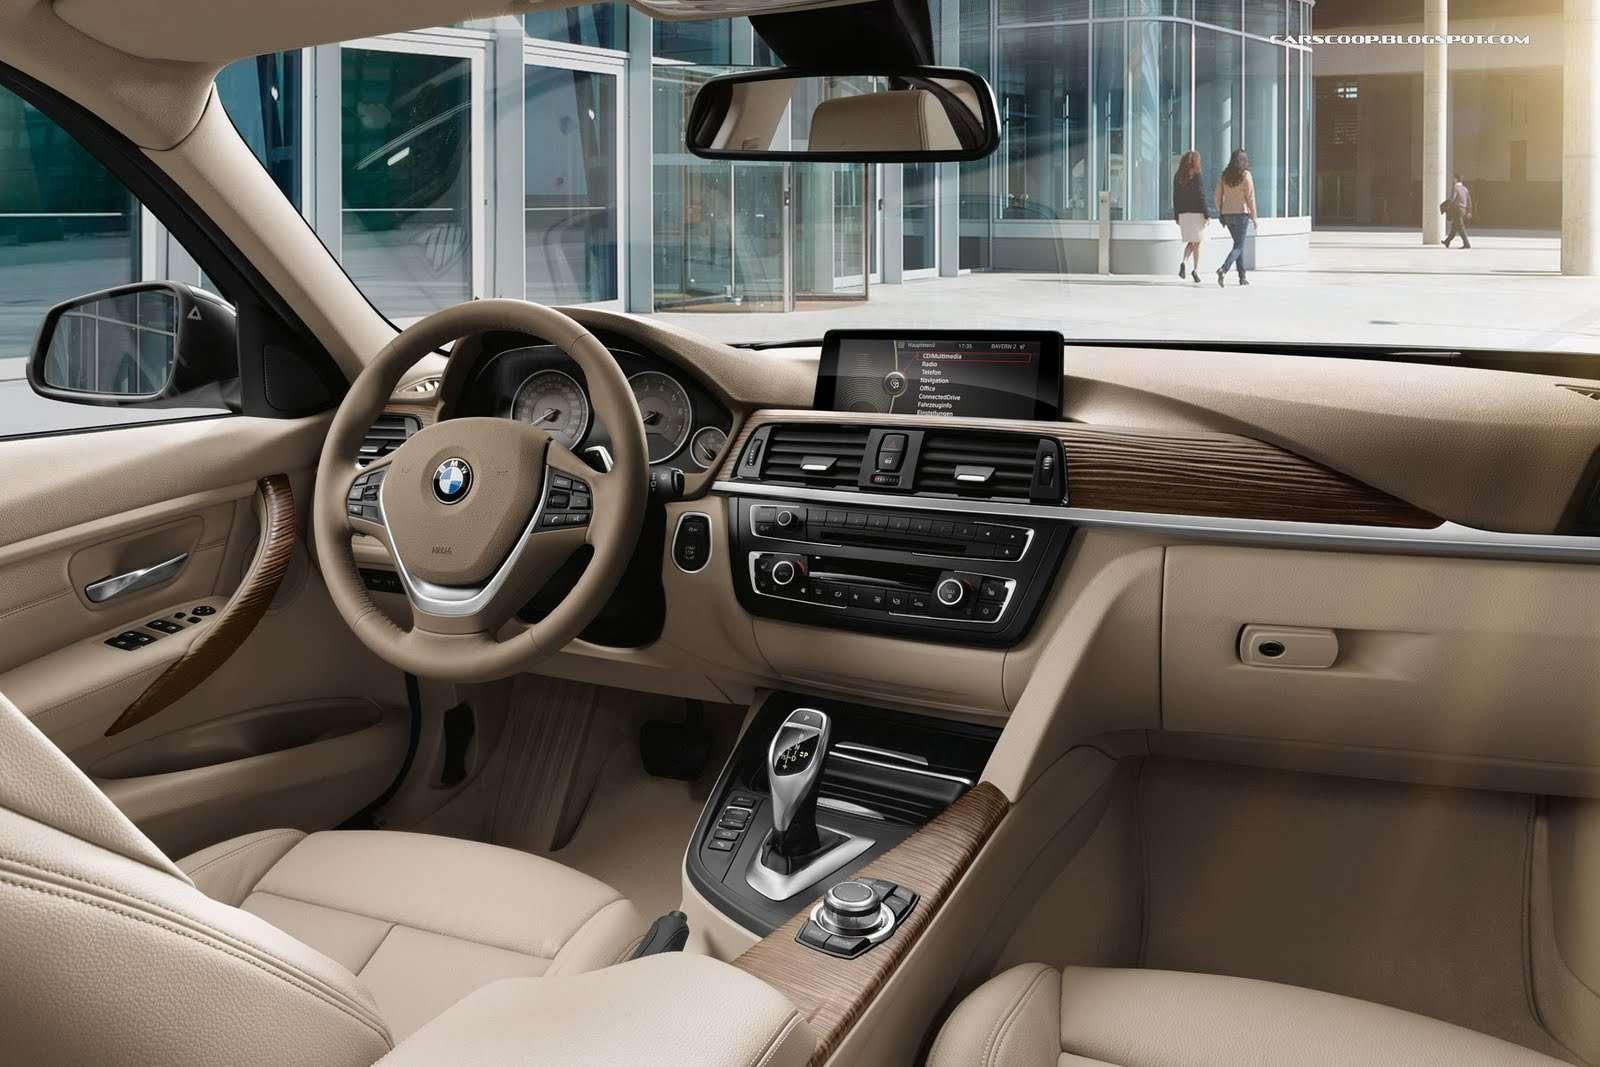 BMW serii 3 new fot 140 pazdziernik 2011